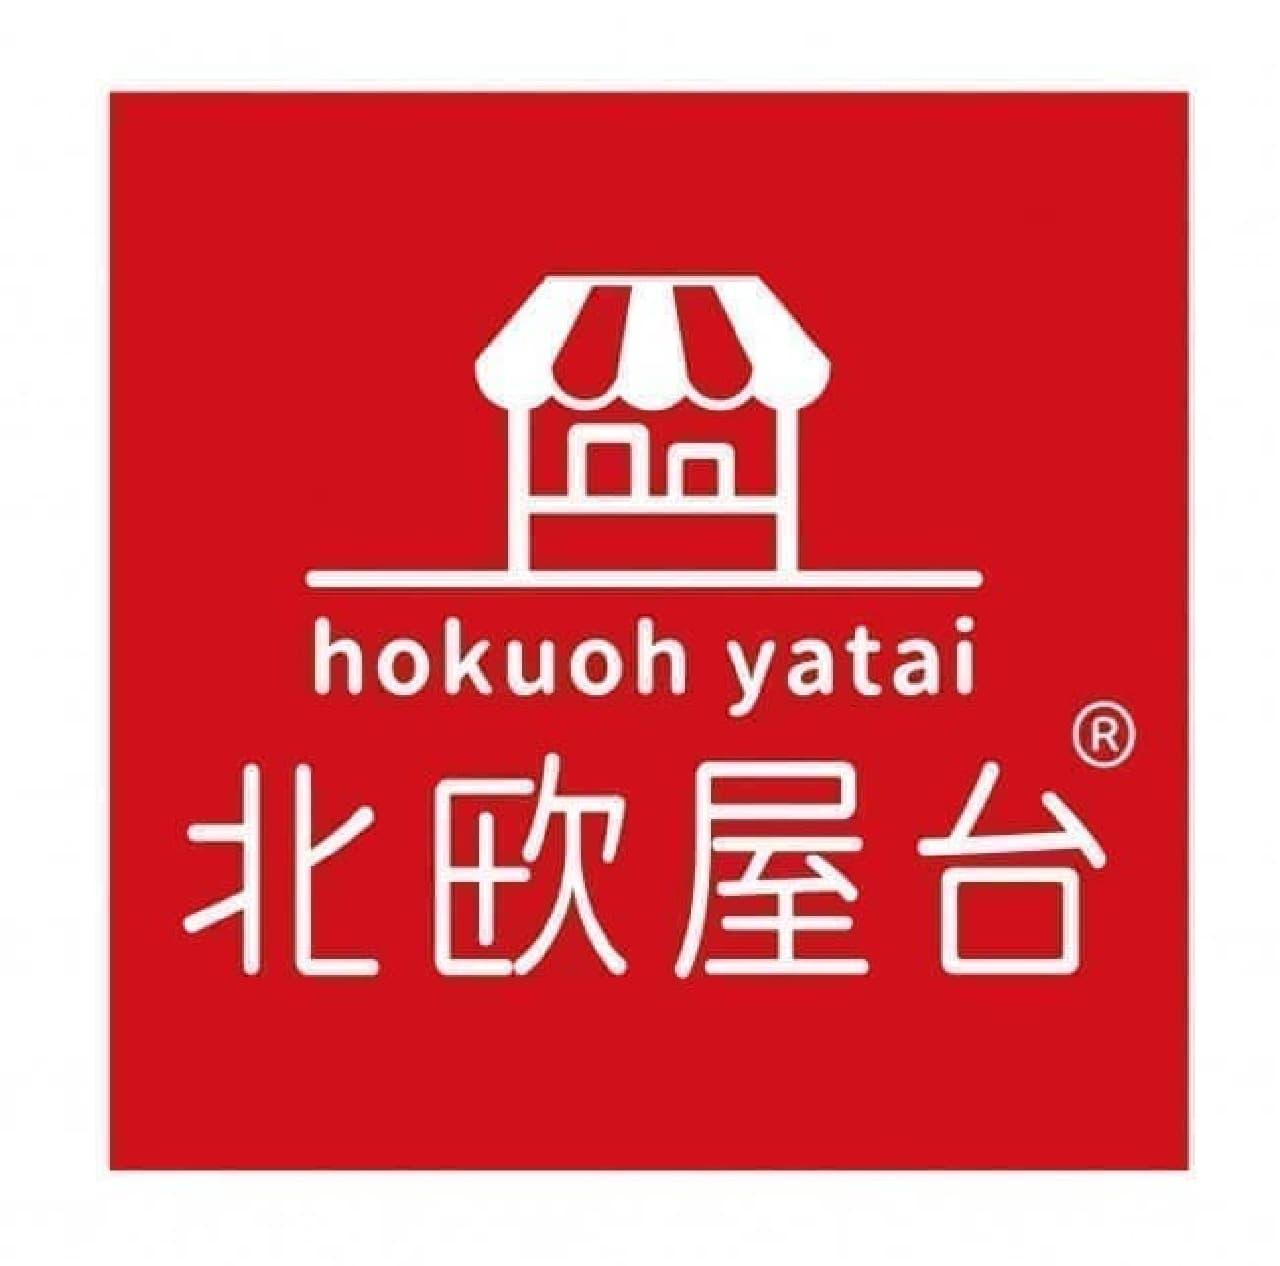 小田急百貨店新宿店の本館11階催物場にて「北欧屋台」と「おさるのジョージ うきうきマーケット」